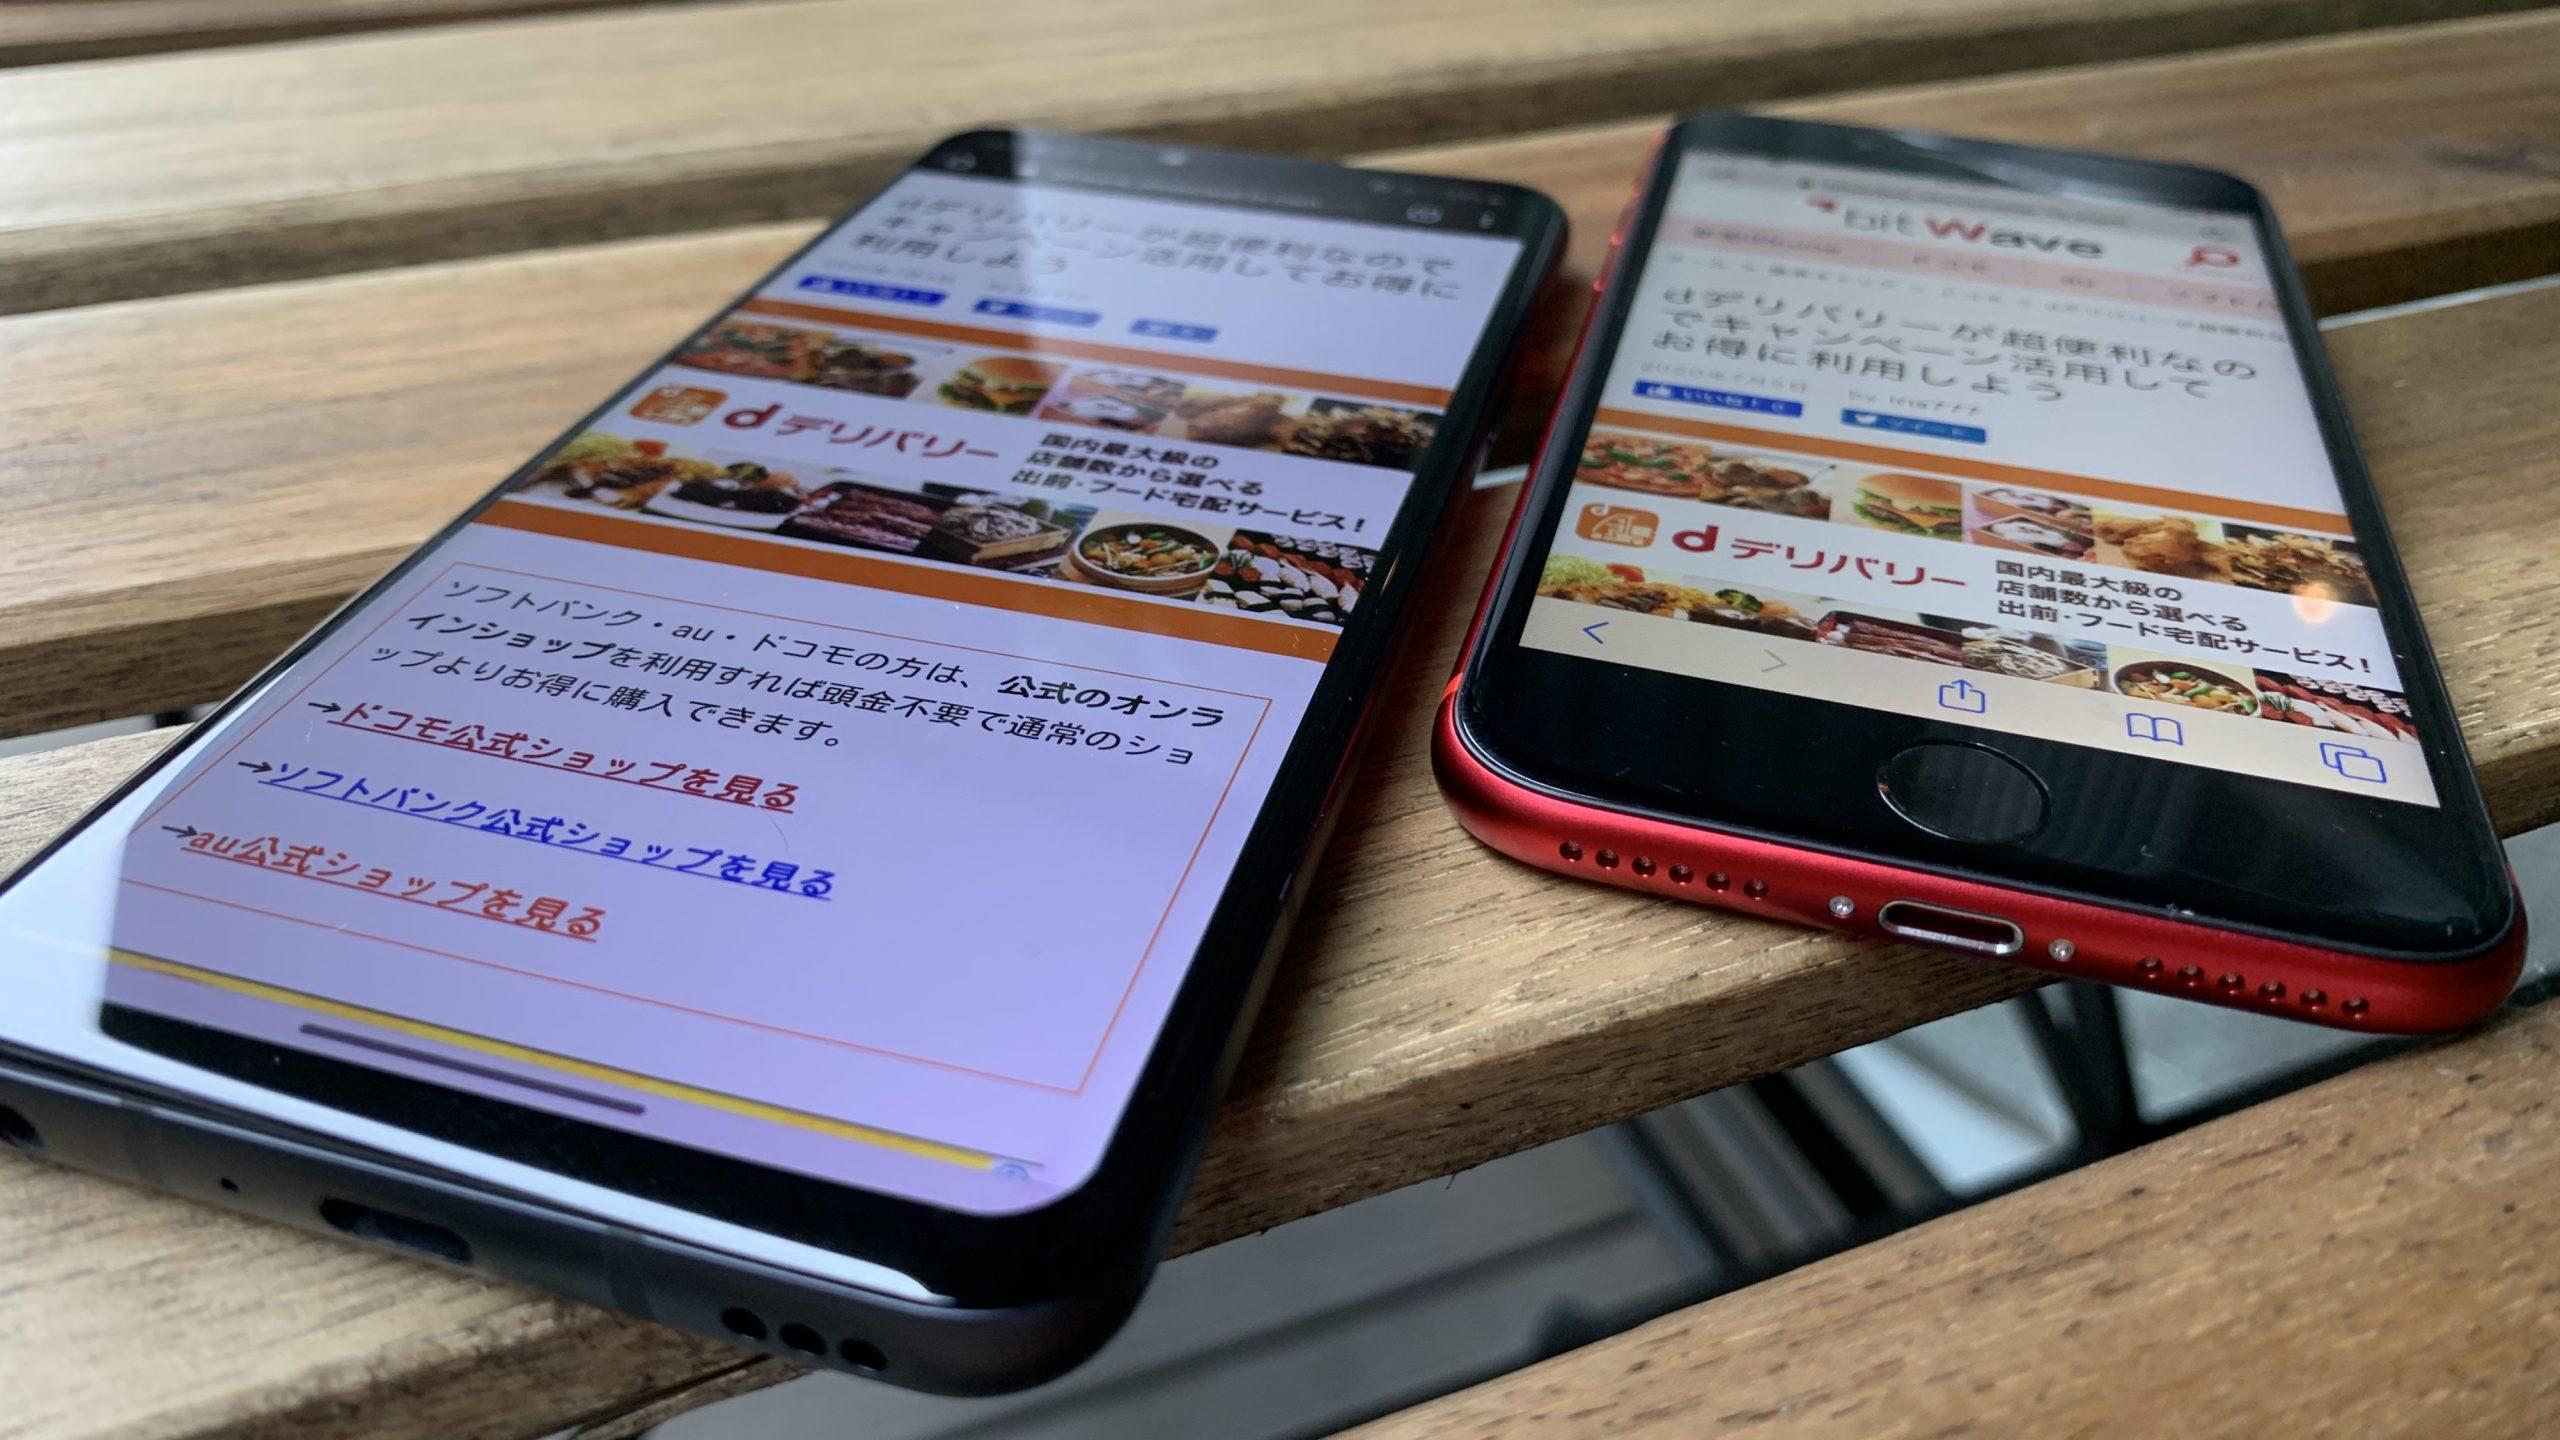 LG style3-iPhone SE